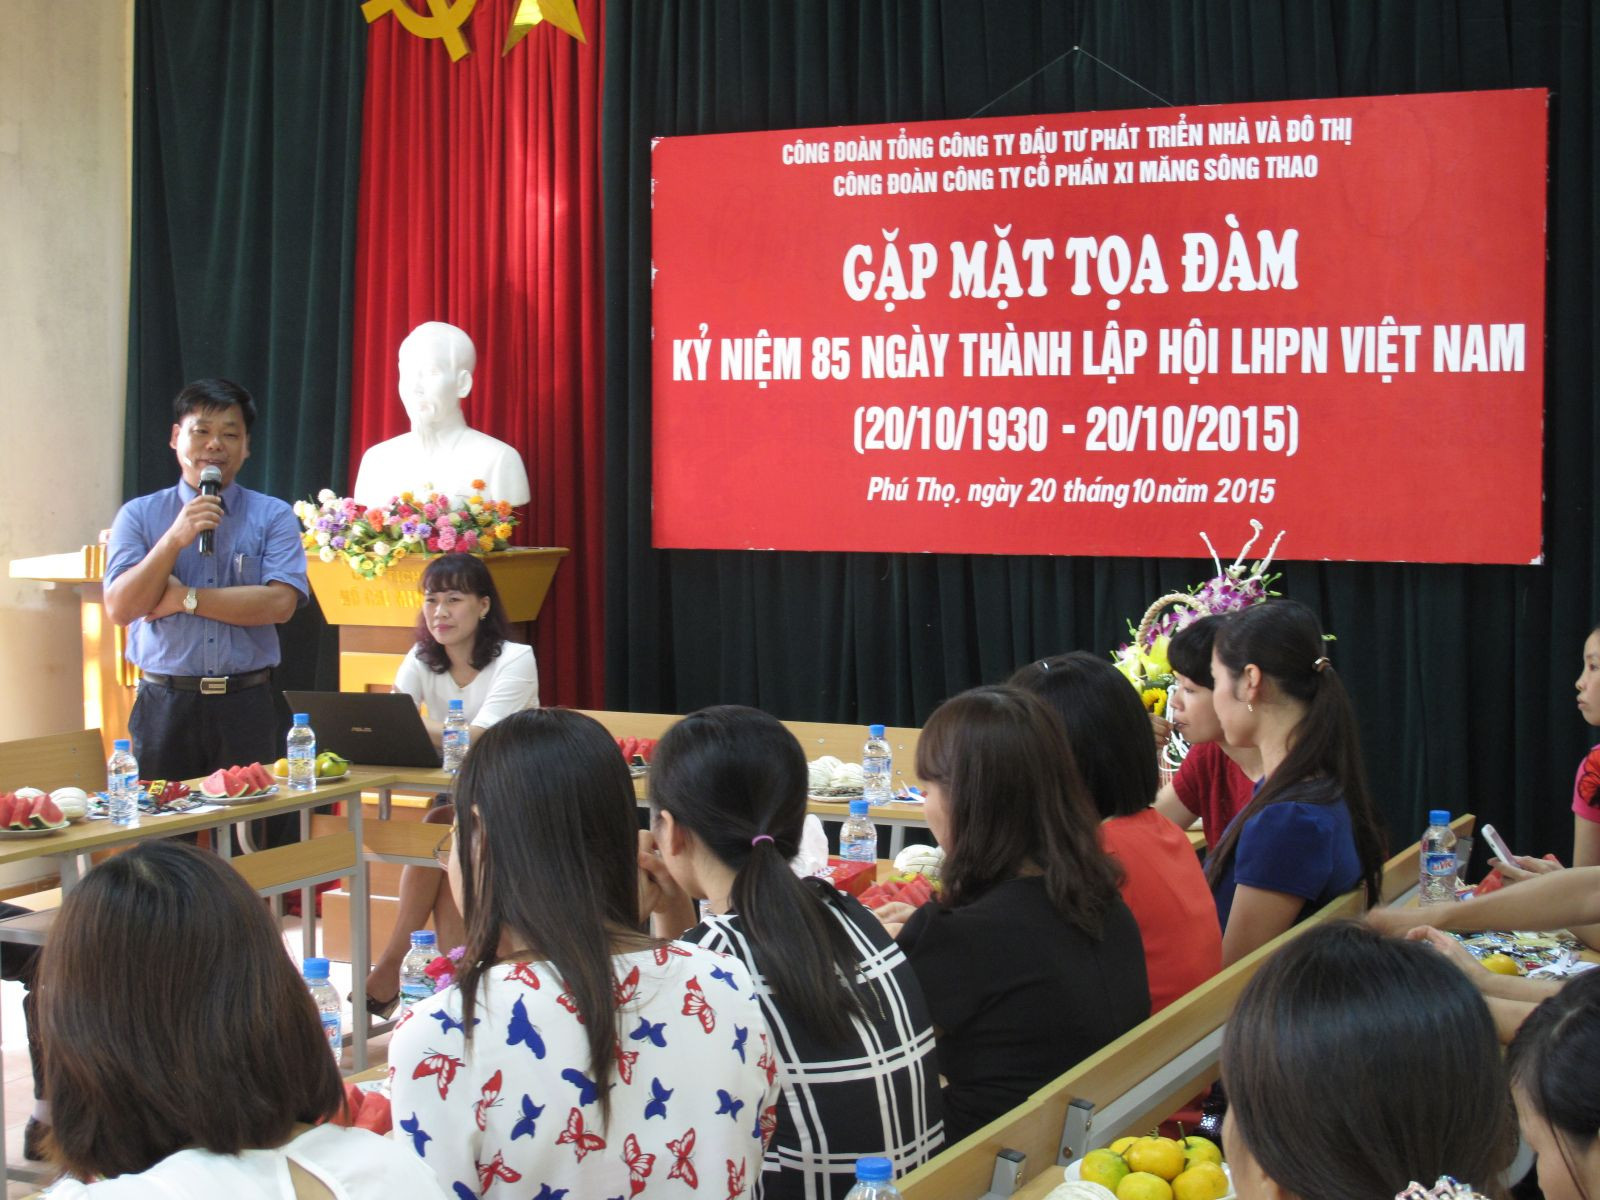 Gặp mặt tọa đàm nữ CBCNV nhân kỷ niệm 85 năm thành lập Hội LHPN Việt Nam